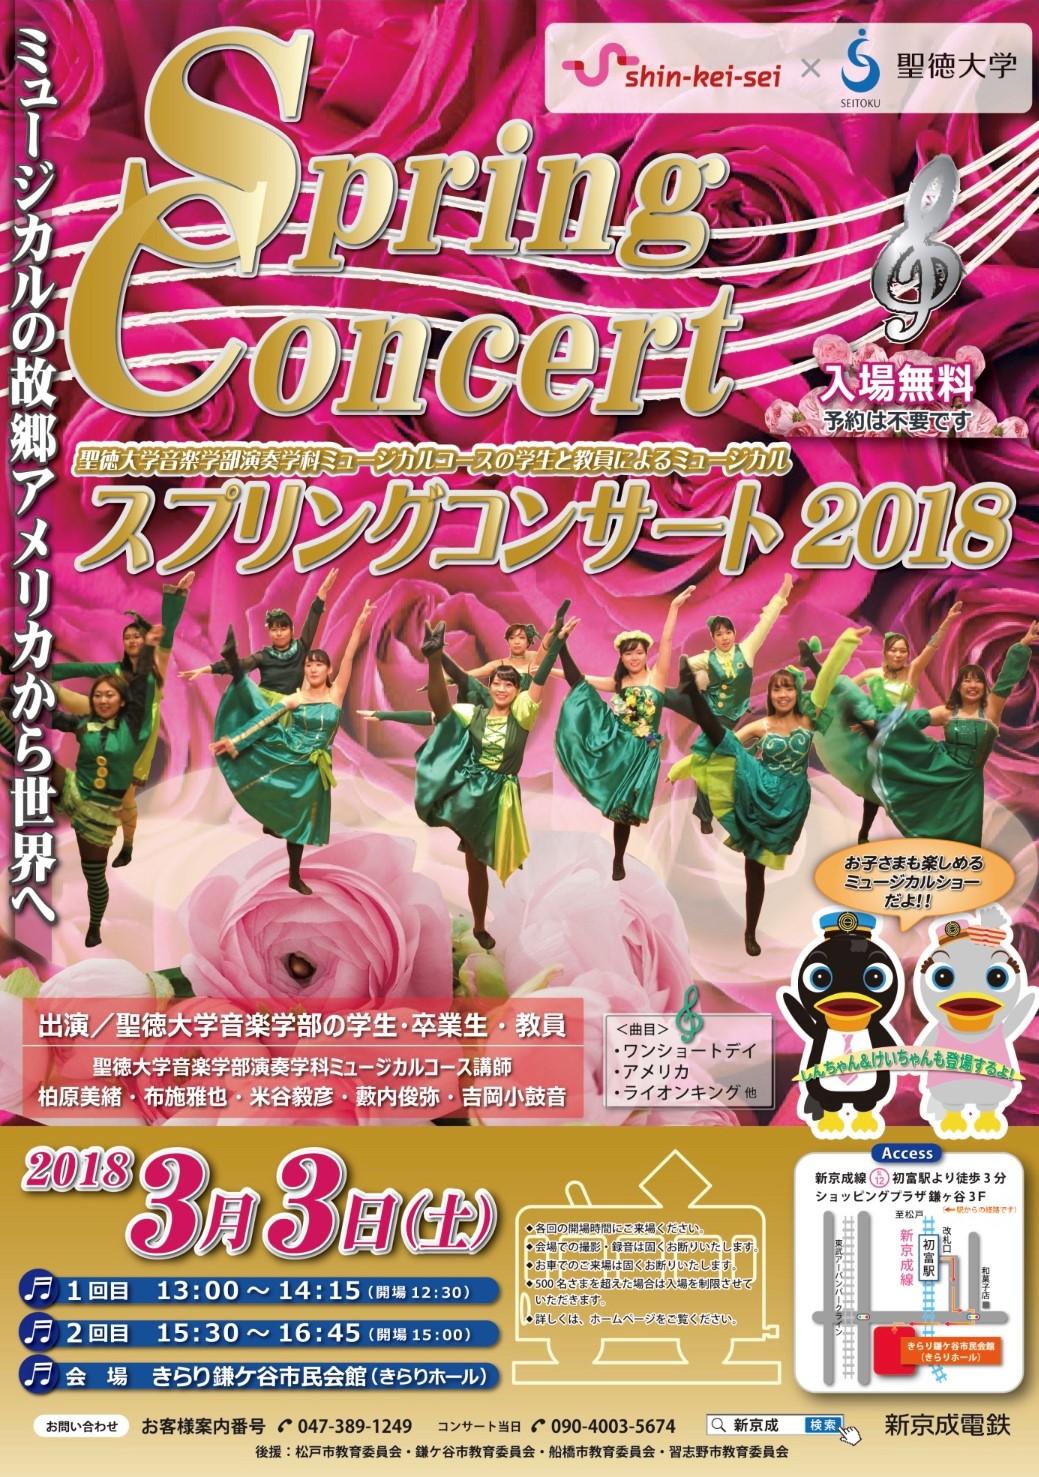 3月3日(土) 聖徳大学×新京成電鉄のコラボ企画「スプリングコンサート2018」を開催します!